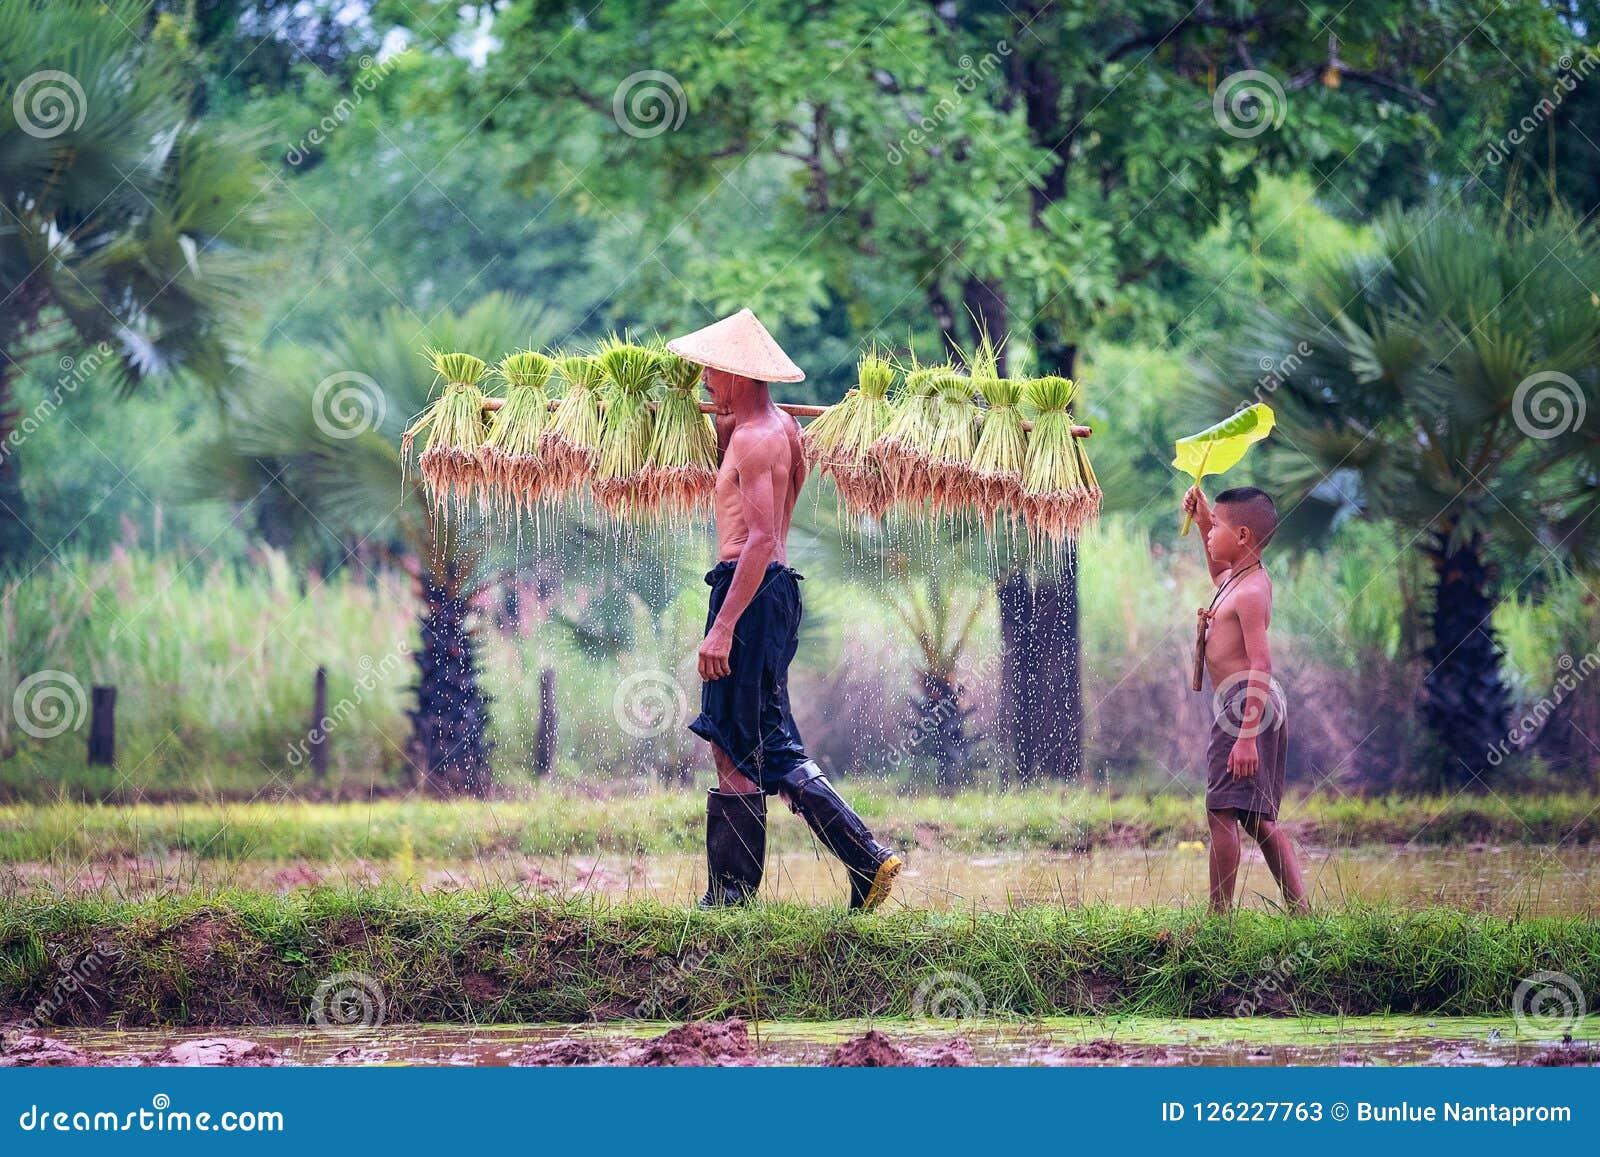 Образ жизни юговосточных азиатских людей в сельской местности Tha поля